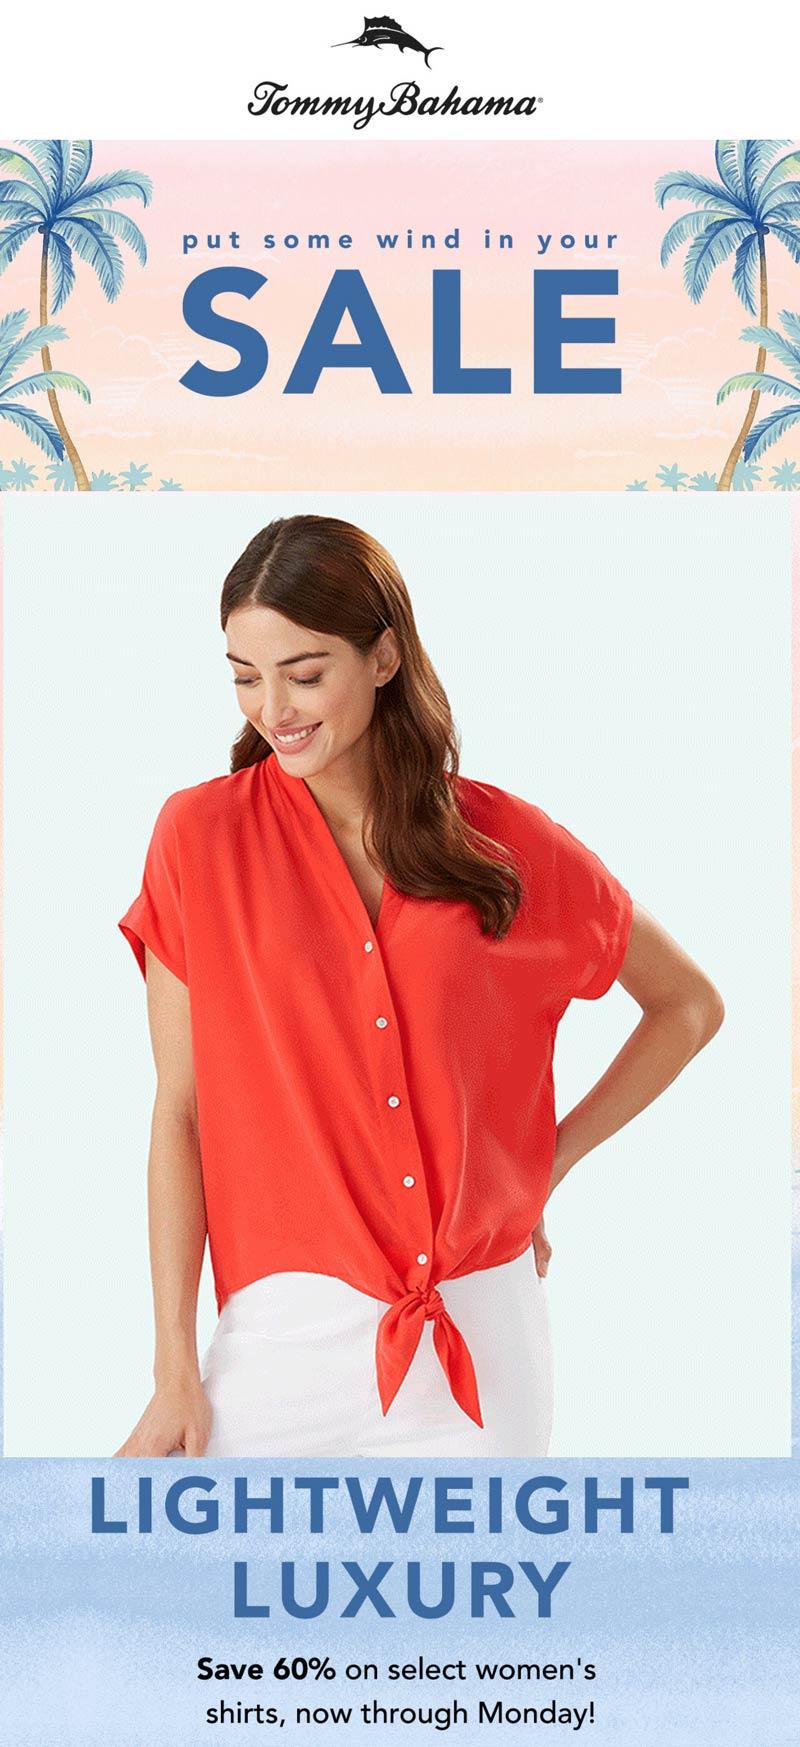 Tommy Bahama stores Coupon  60% off womens shirts at Tommy Bahama #tommybahama